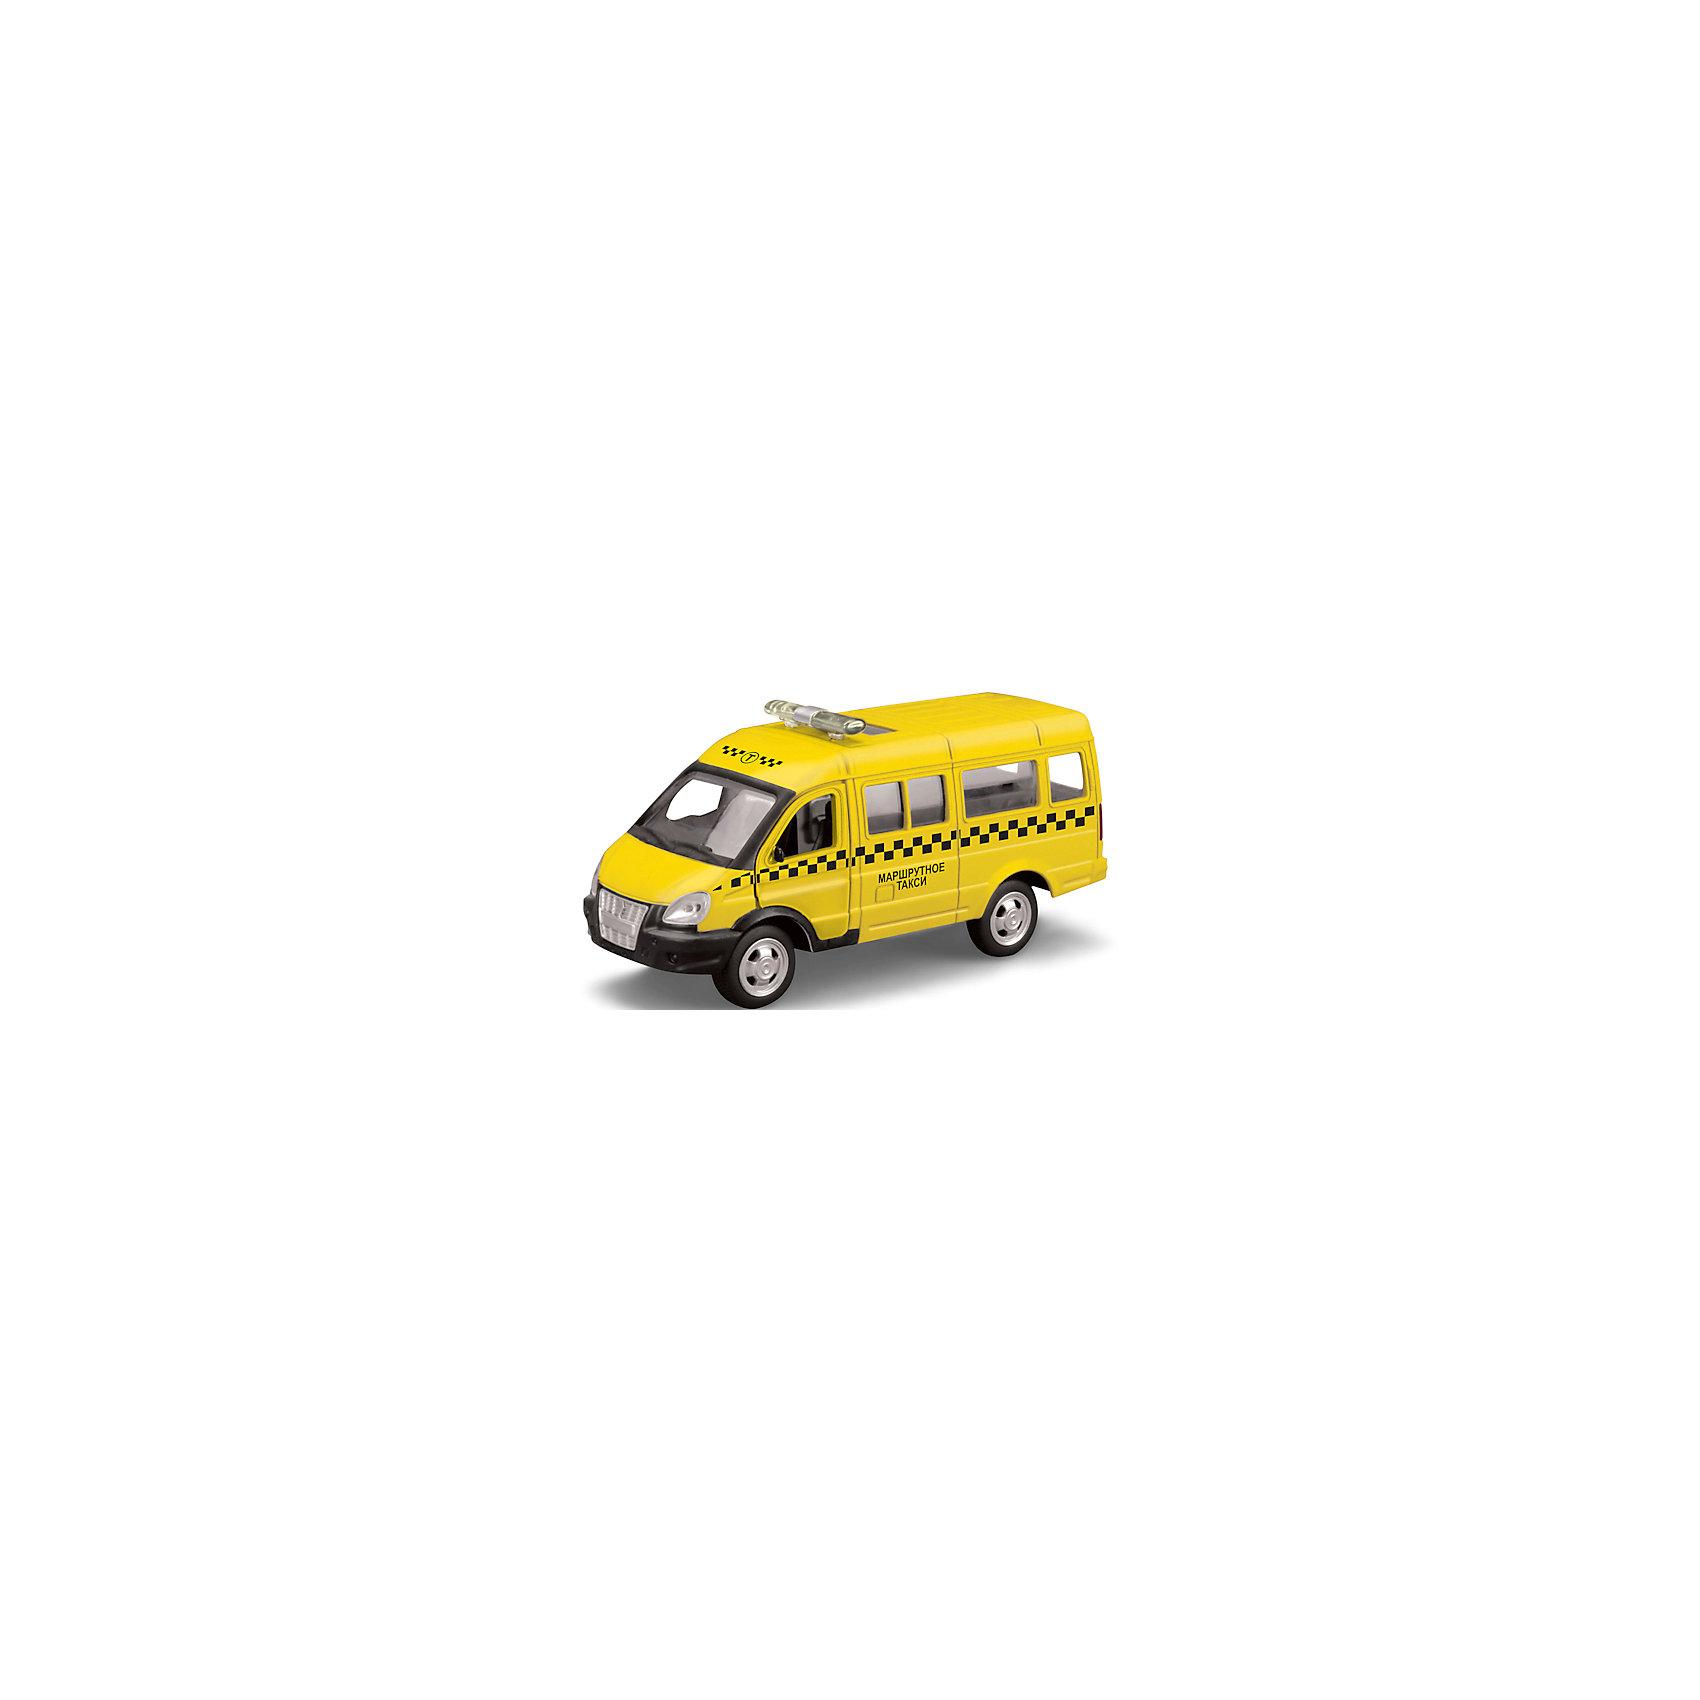 ТЕХНОПАРК Машина Газель Такси, открыв.двери, инерц., ТЕХНОПАРК машины drift машина фрикционная такси